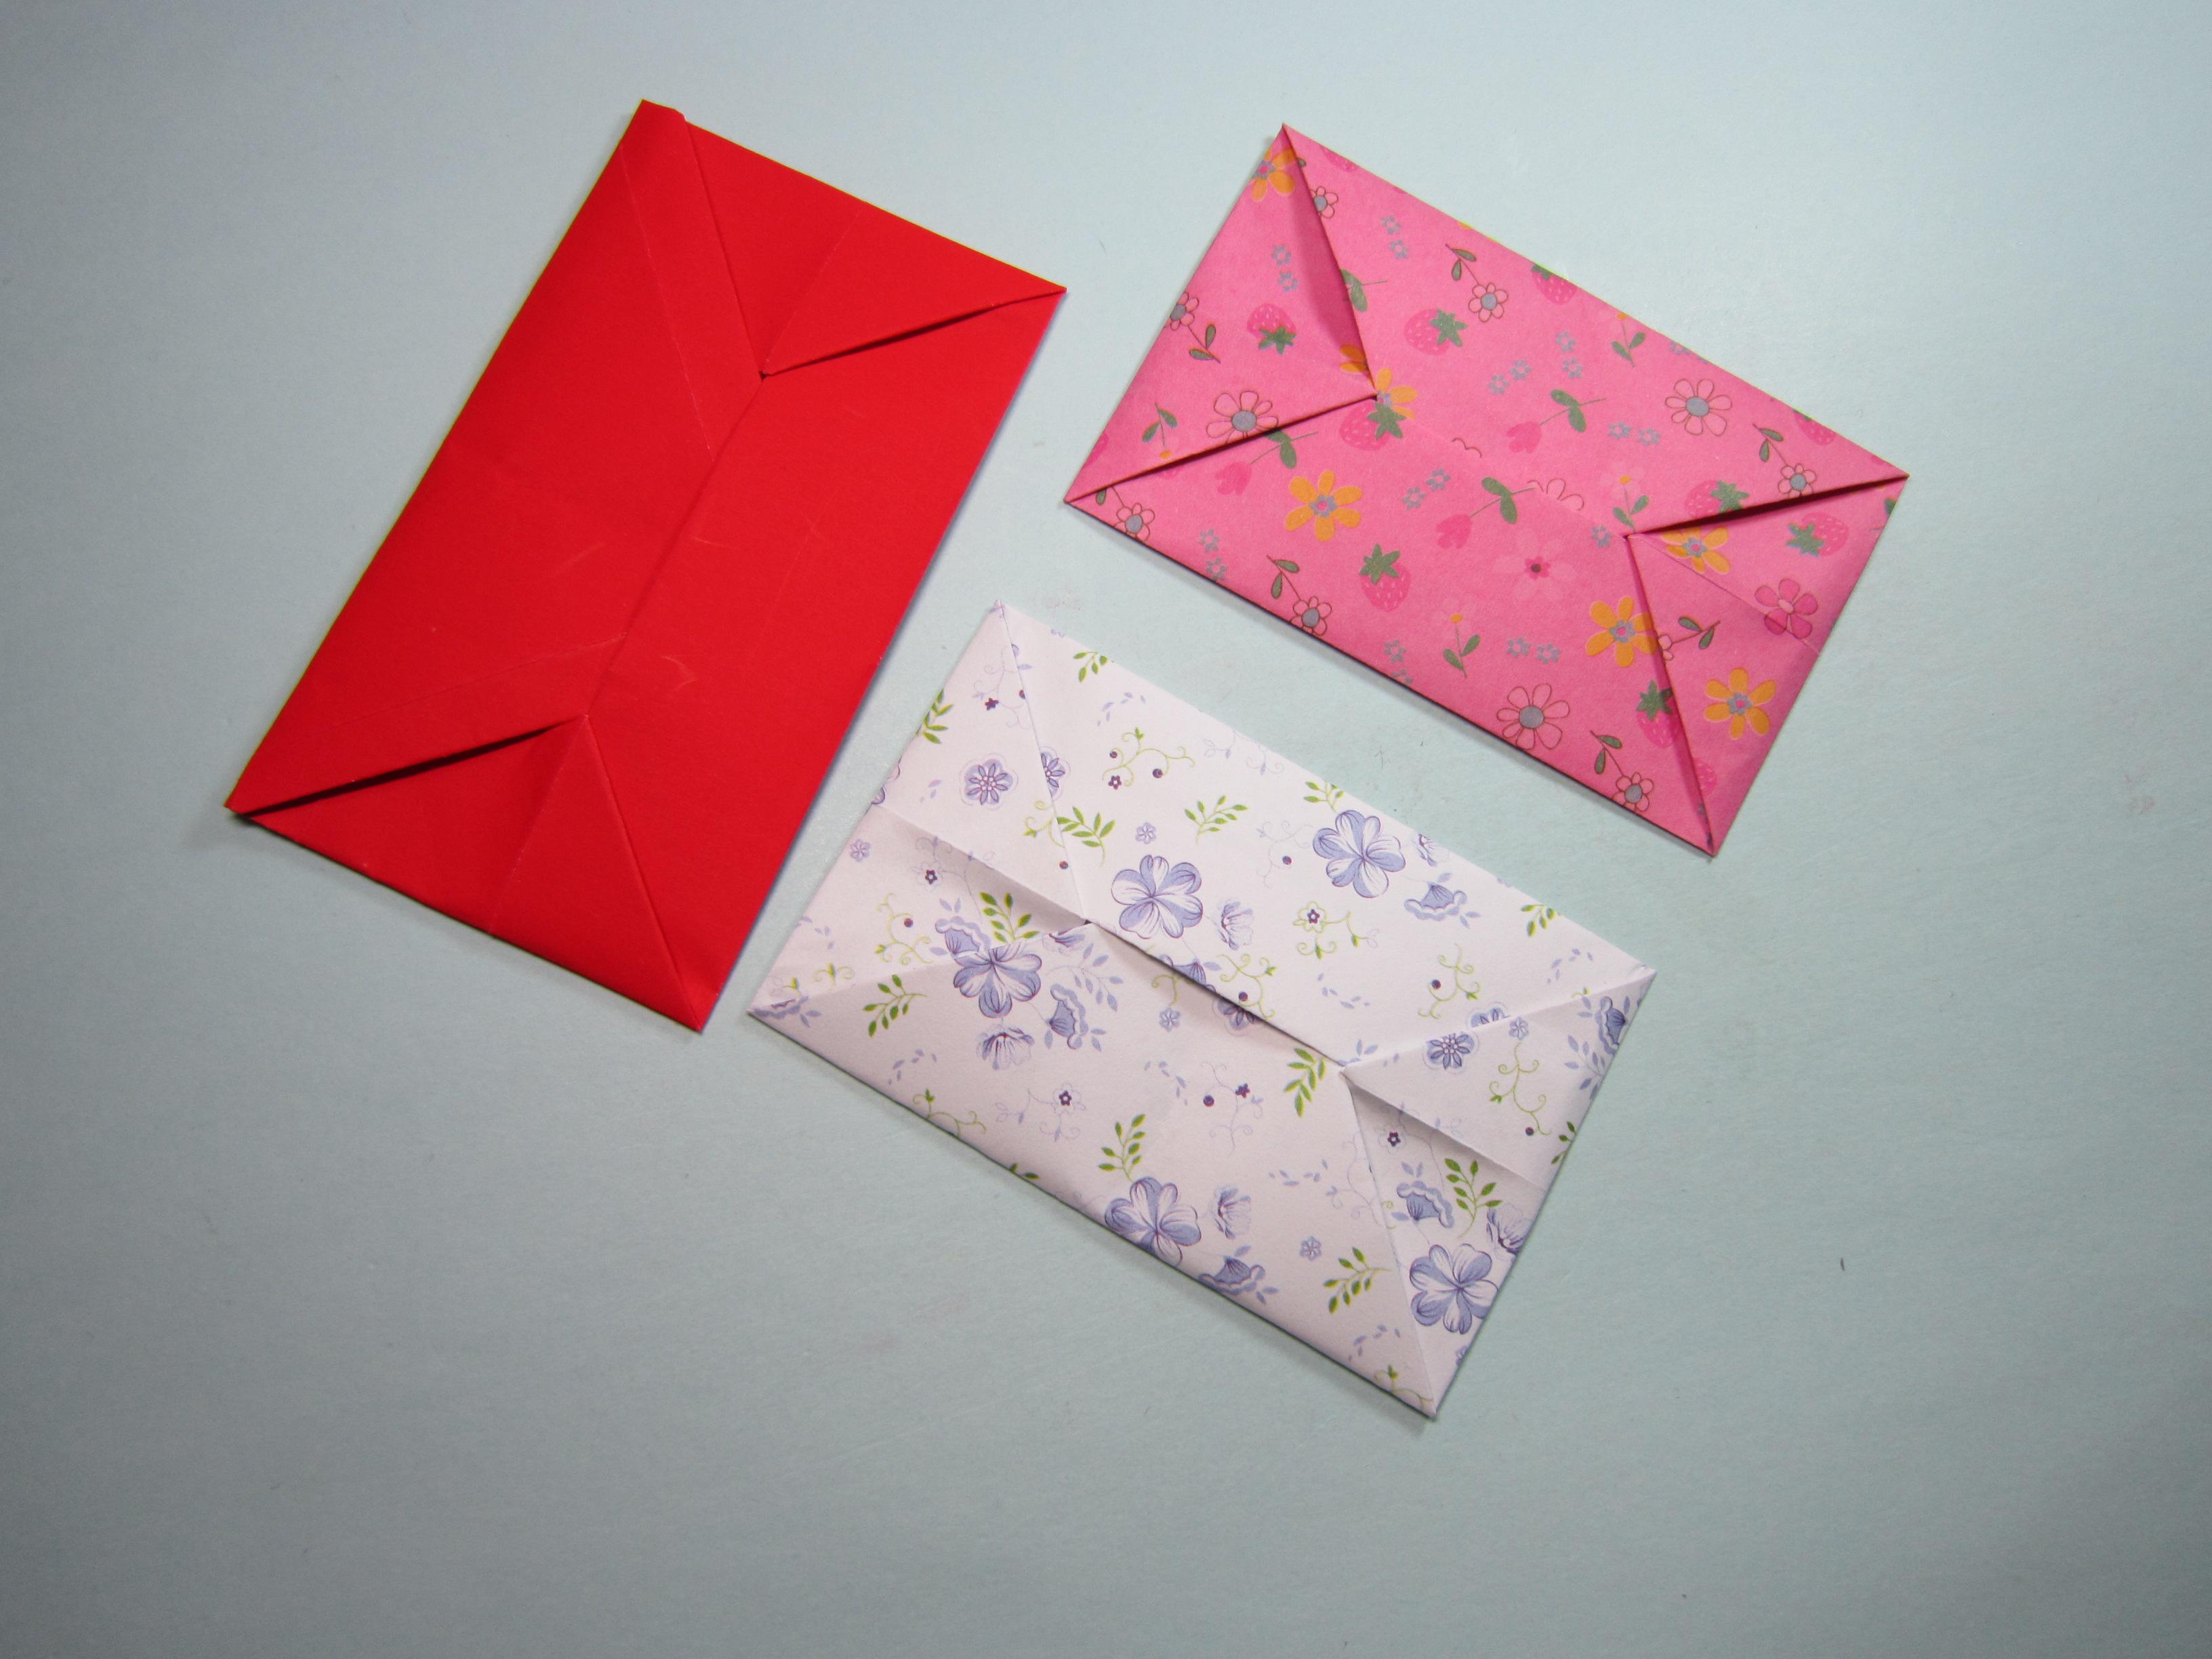 一张纸折一封漂亮的信封,儿童手工折纸信封,简单易学